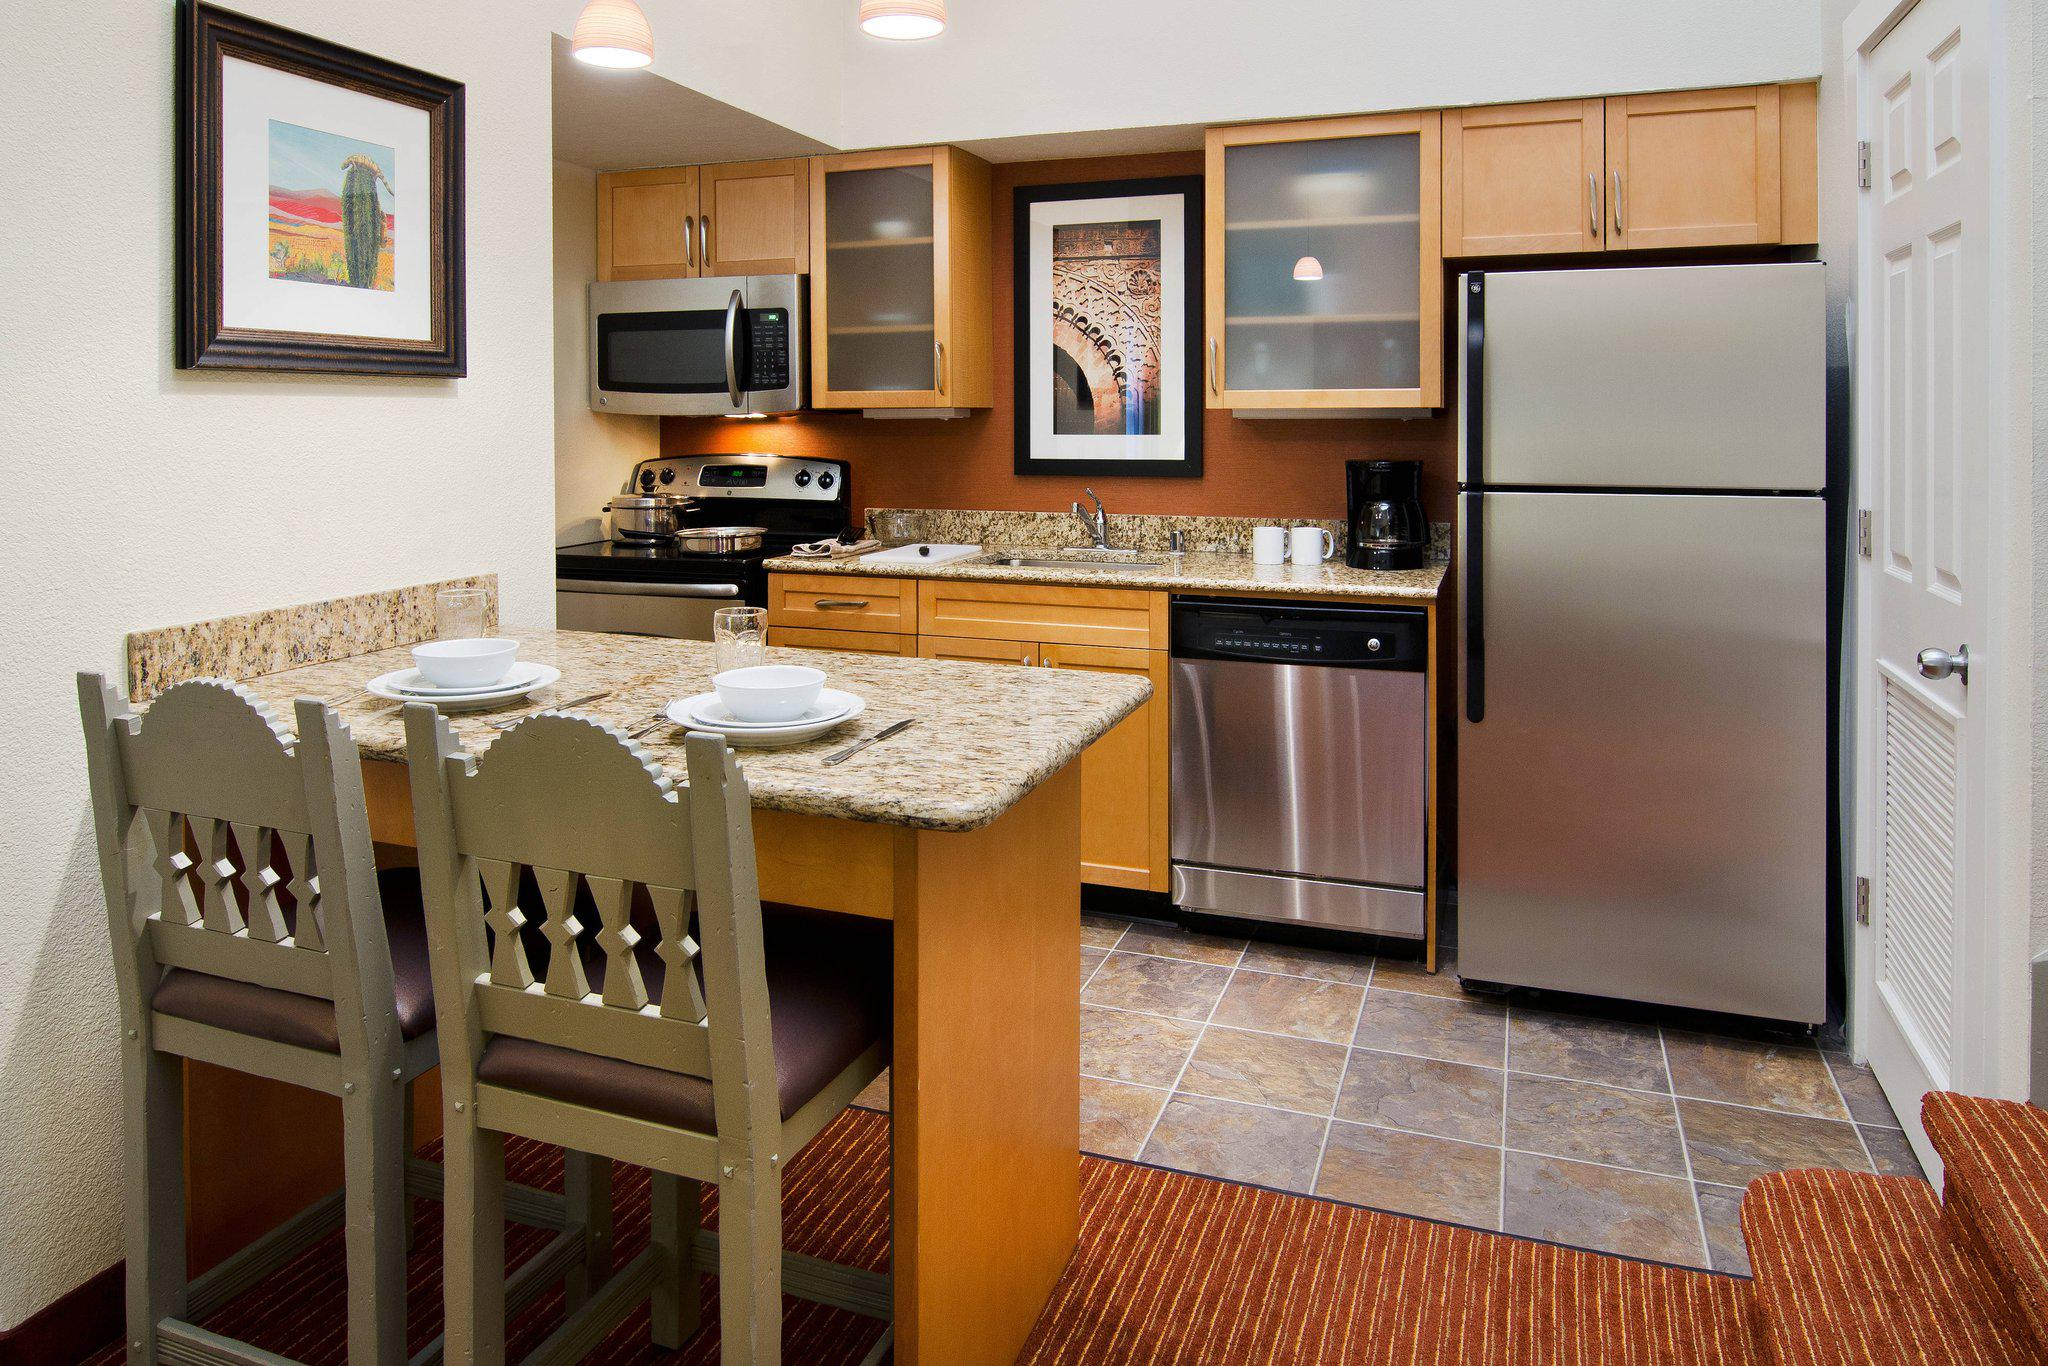 Residence Inn by Marriott Santa Fe